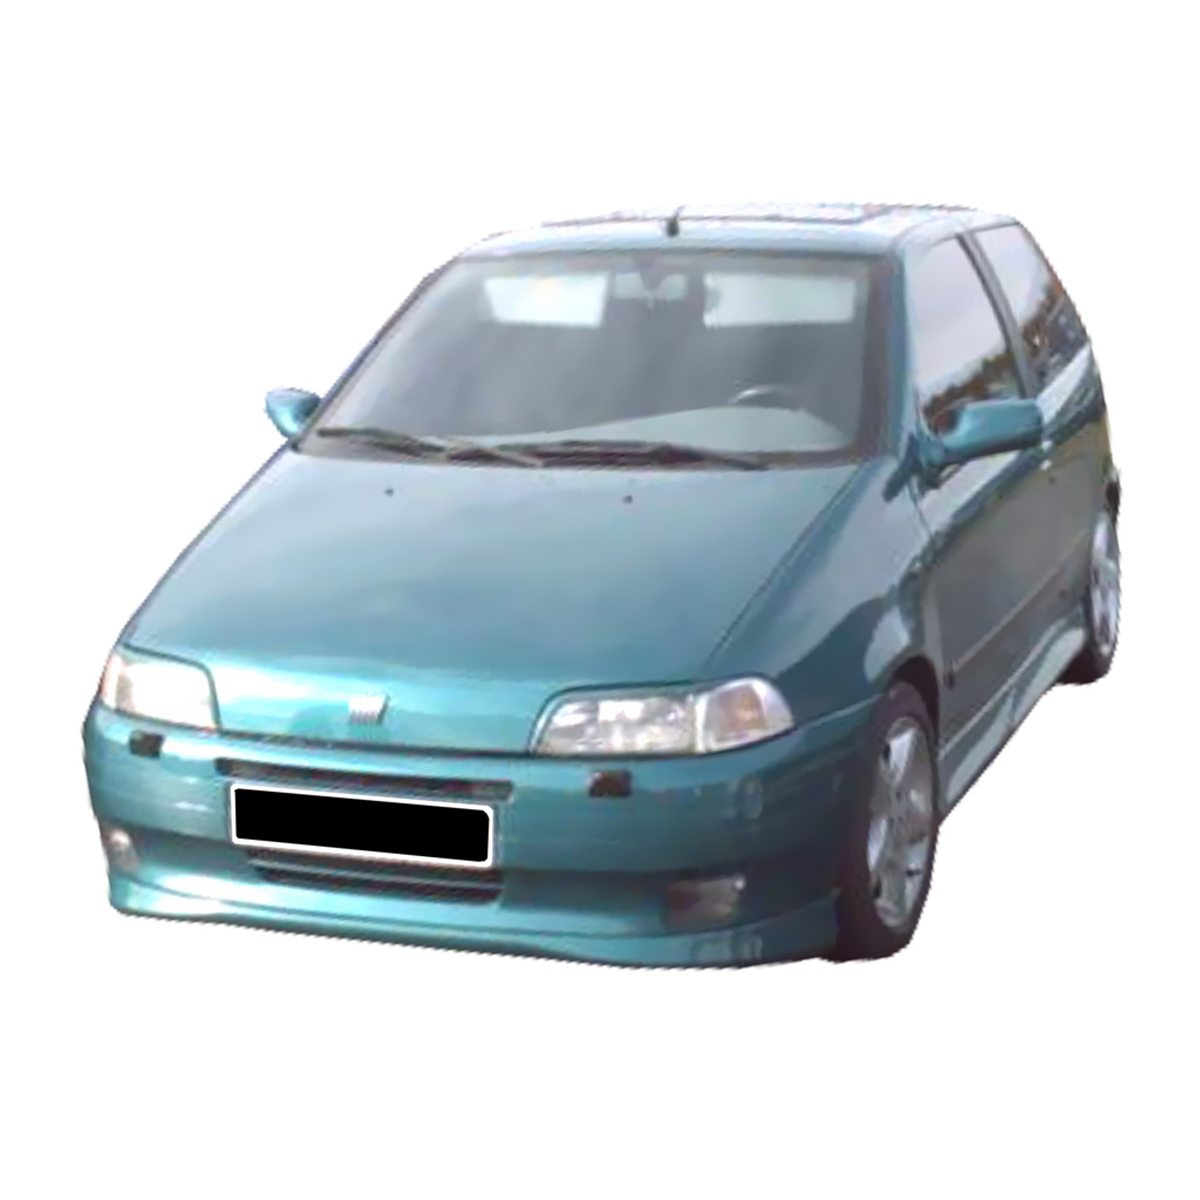 Fiat-Punto-Easy-Frt-SPU0171-1